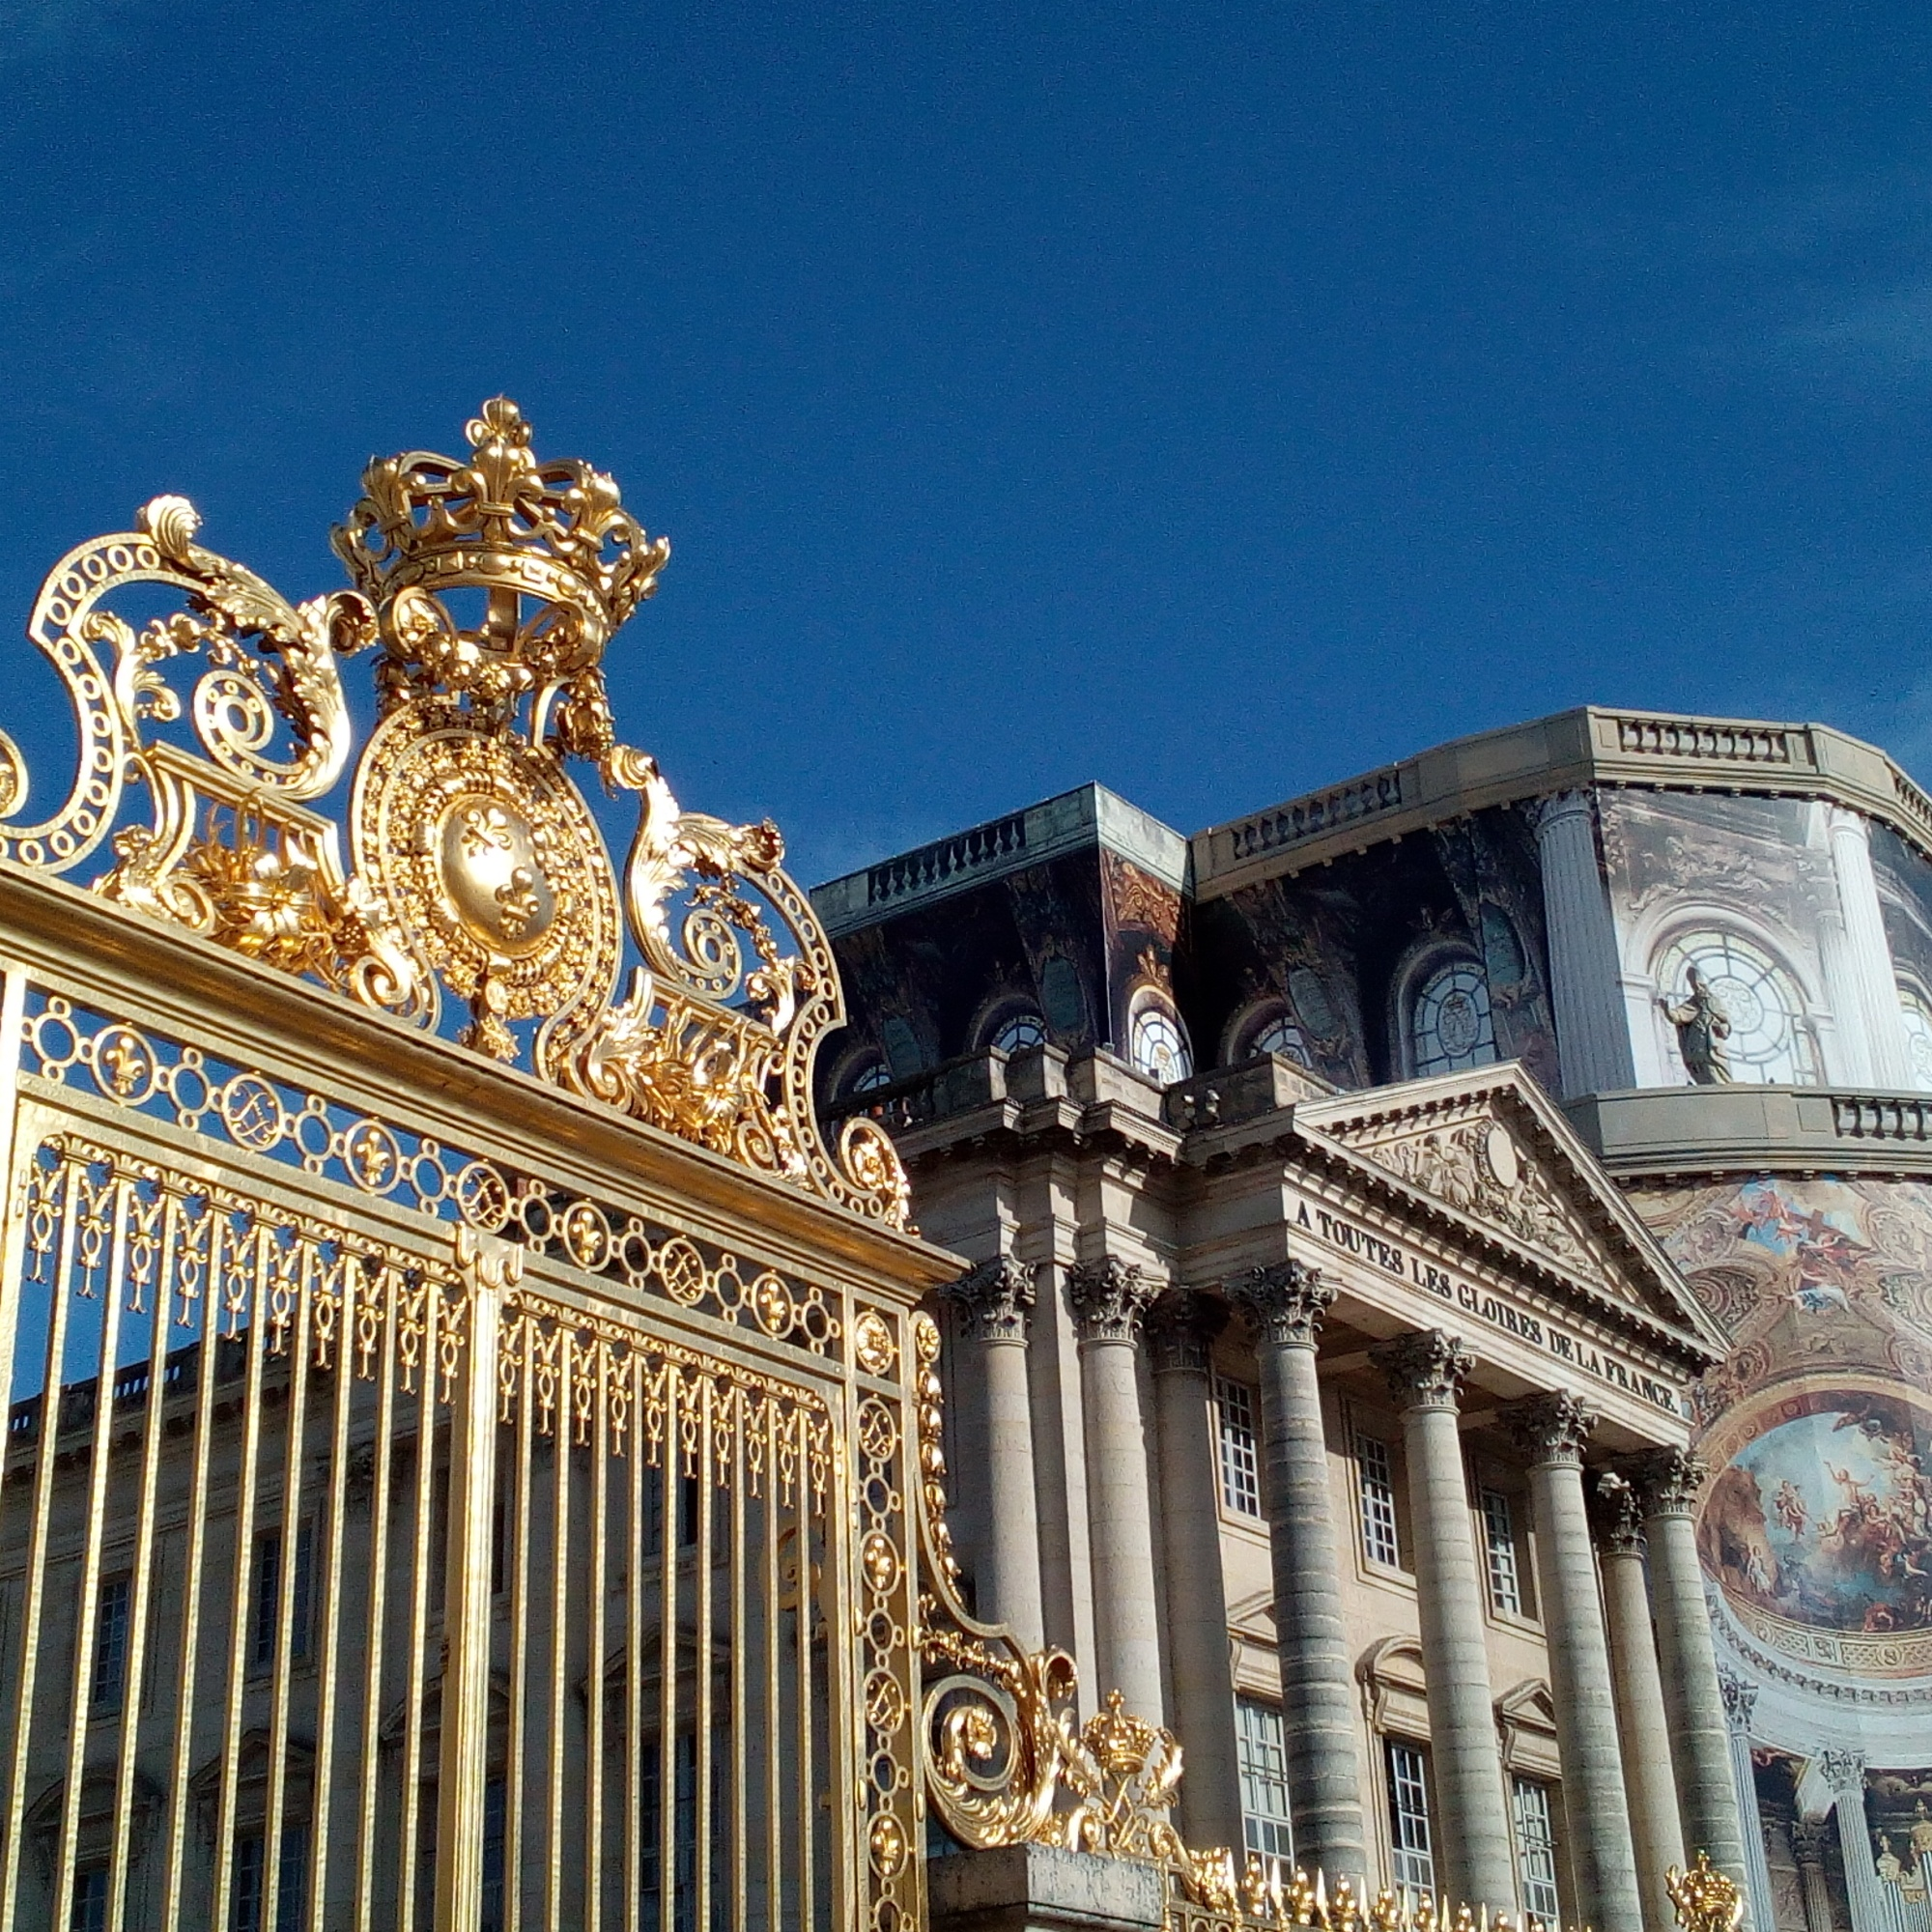 Grille de la Cour d'Honneur du château de Versailles